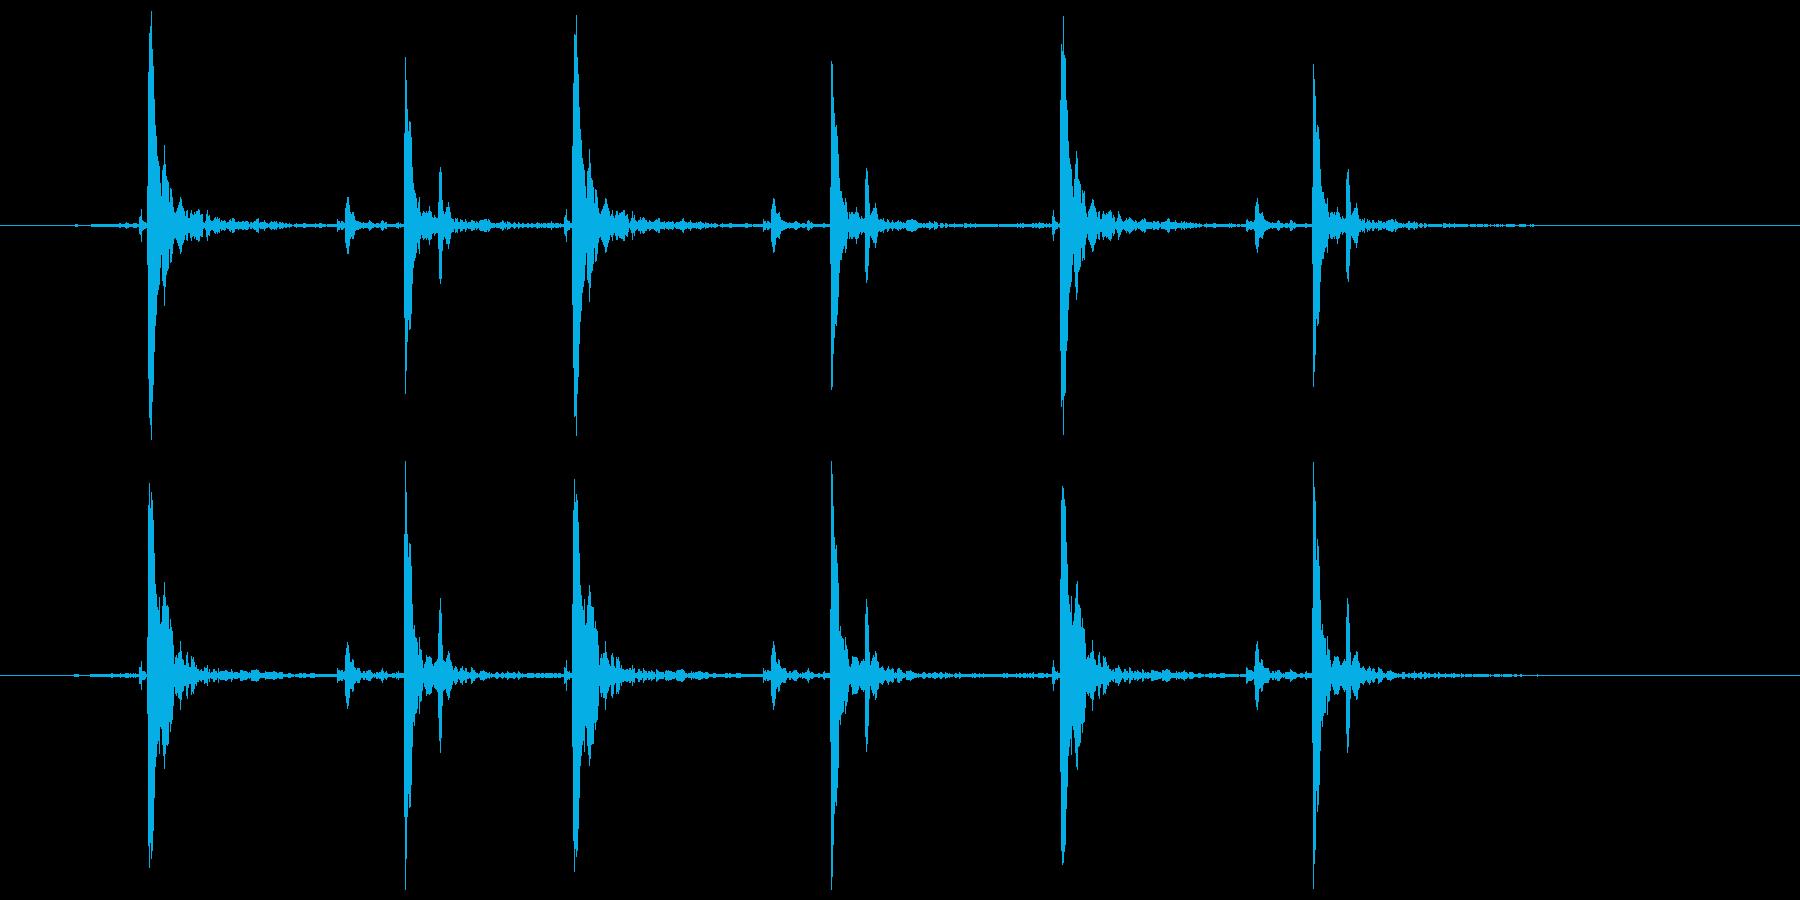 木のガラガラ(振る等)カタカタカタの再生済みの波形